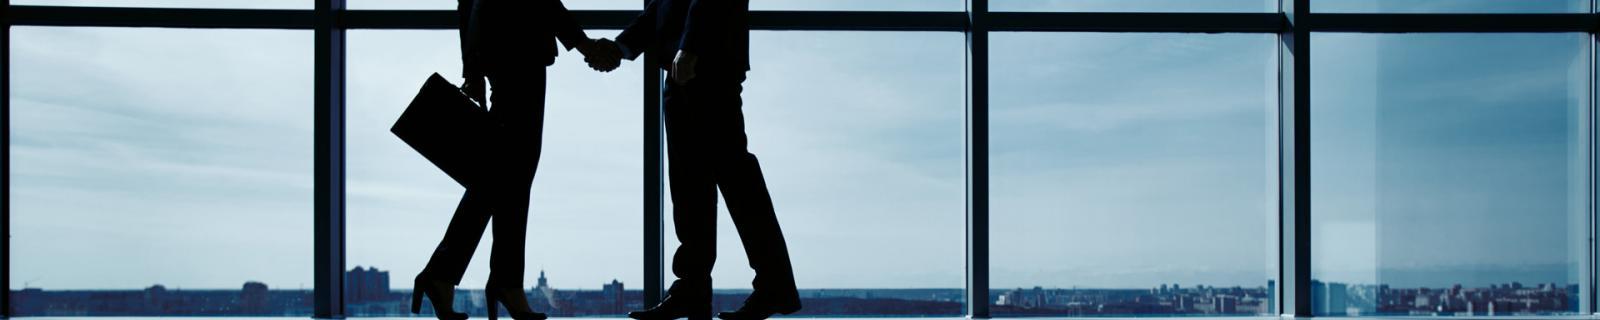 """<a href=""""http://pl.freepik.com/darmowe-zdjecie/ludzie-biznesu-drżenie-rąk_855735.htm"""">Zaprojektowane przez Freepik</a>"""